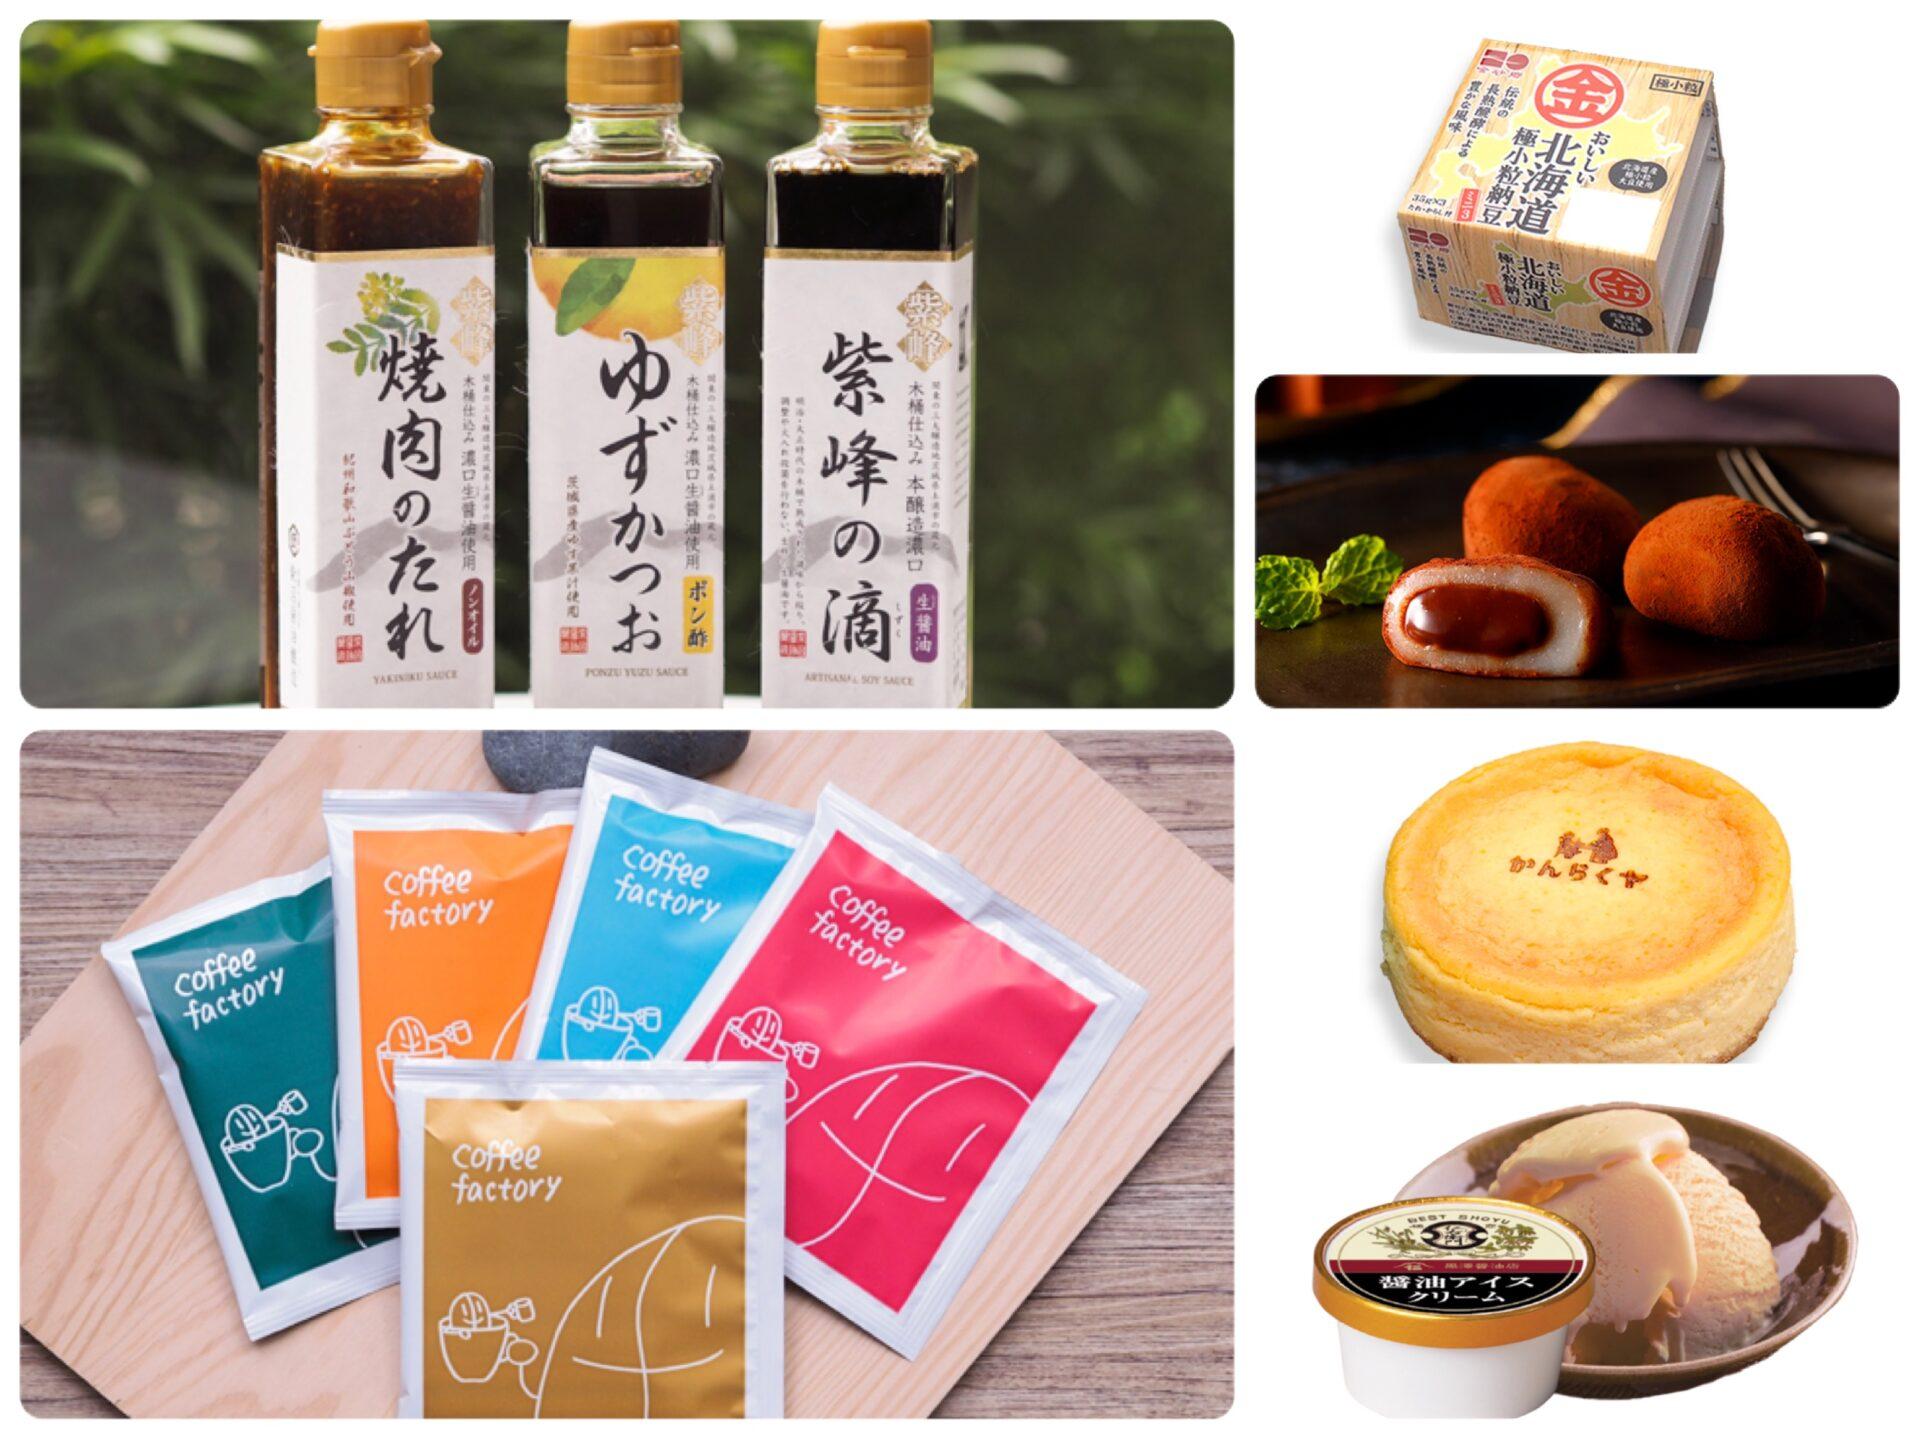 日本のこだわりの品々をシンガポールでも。20代のシンガポール人が立ち上げた新しいオンラインショップがオープン